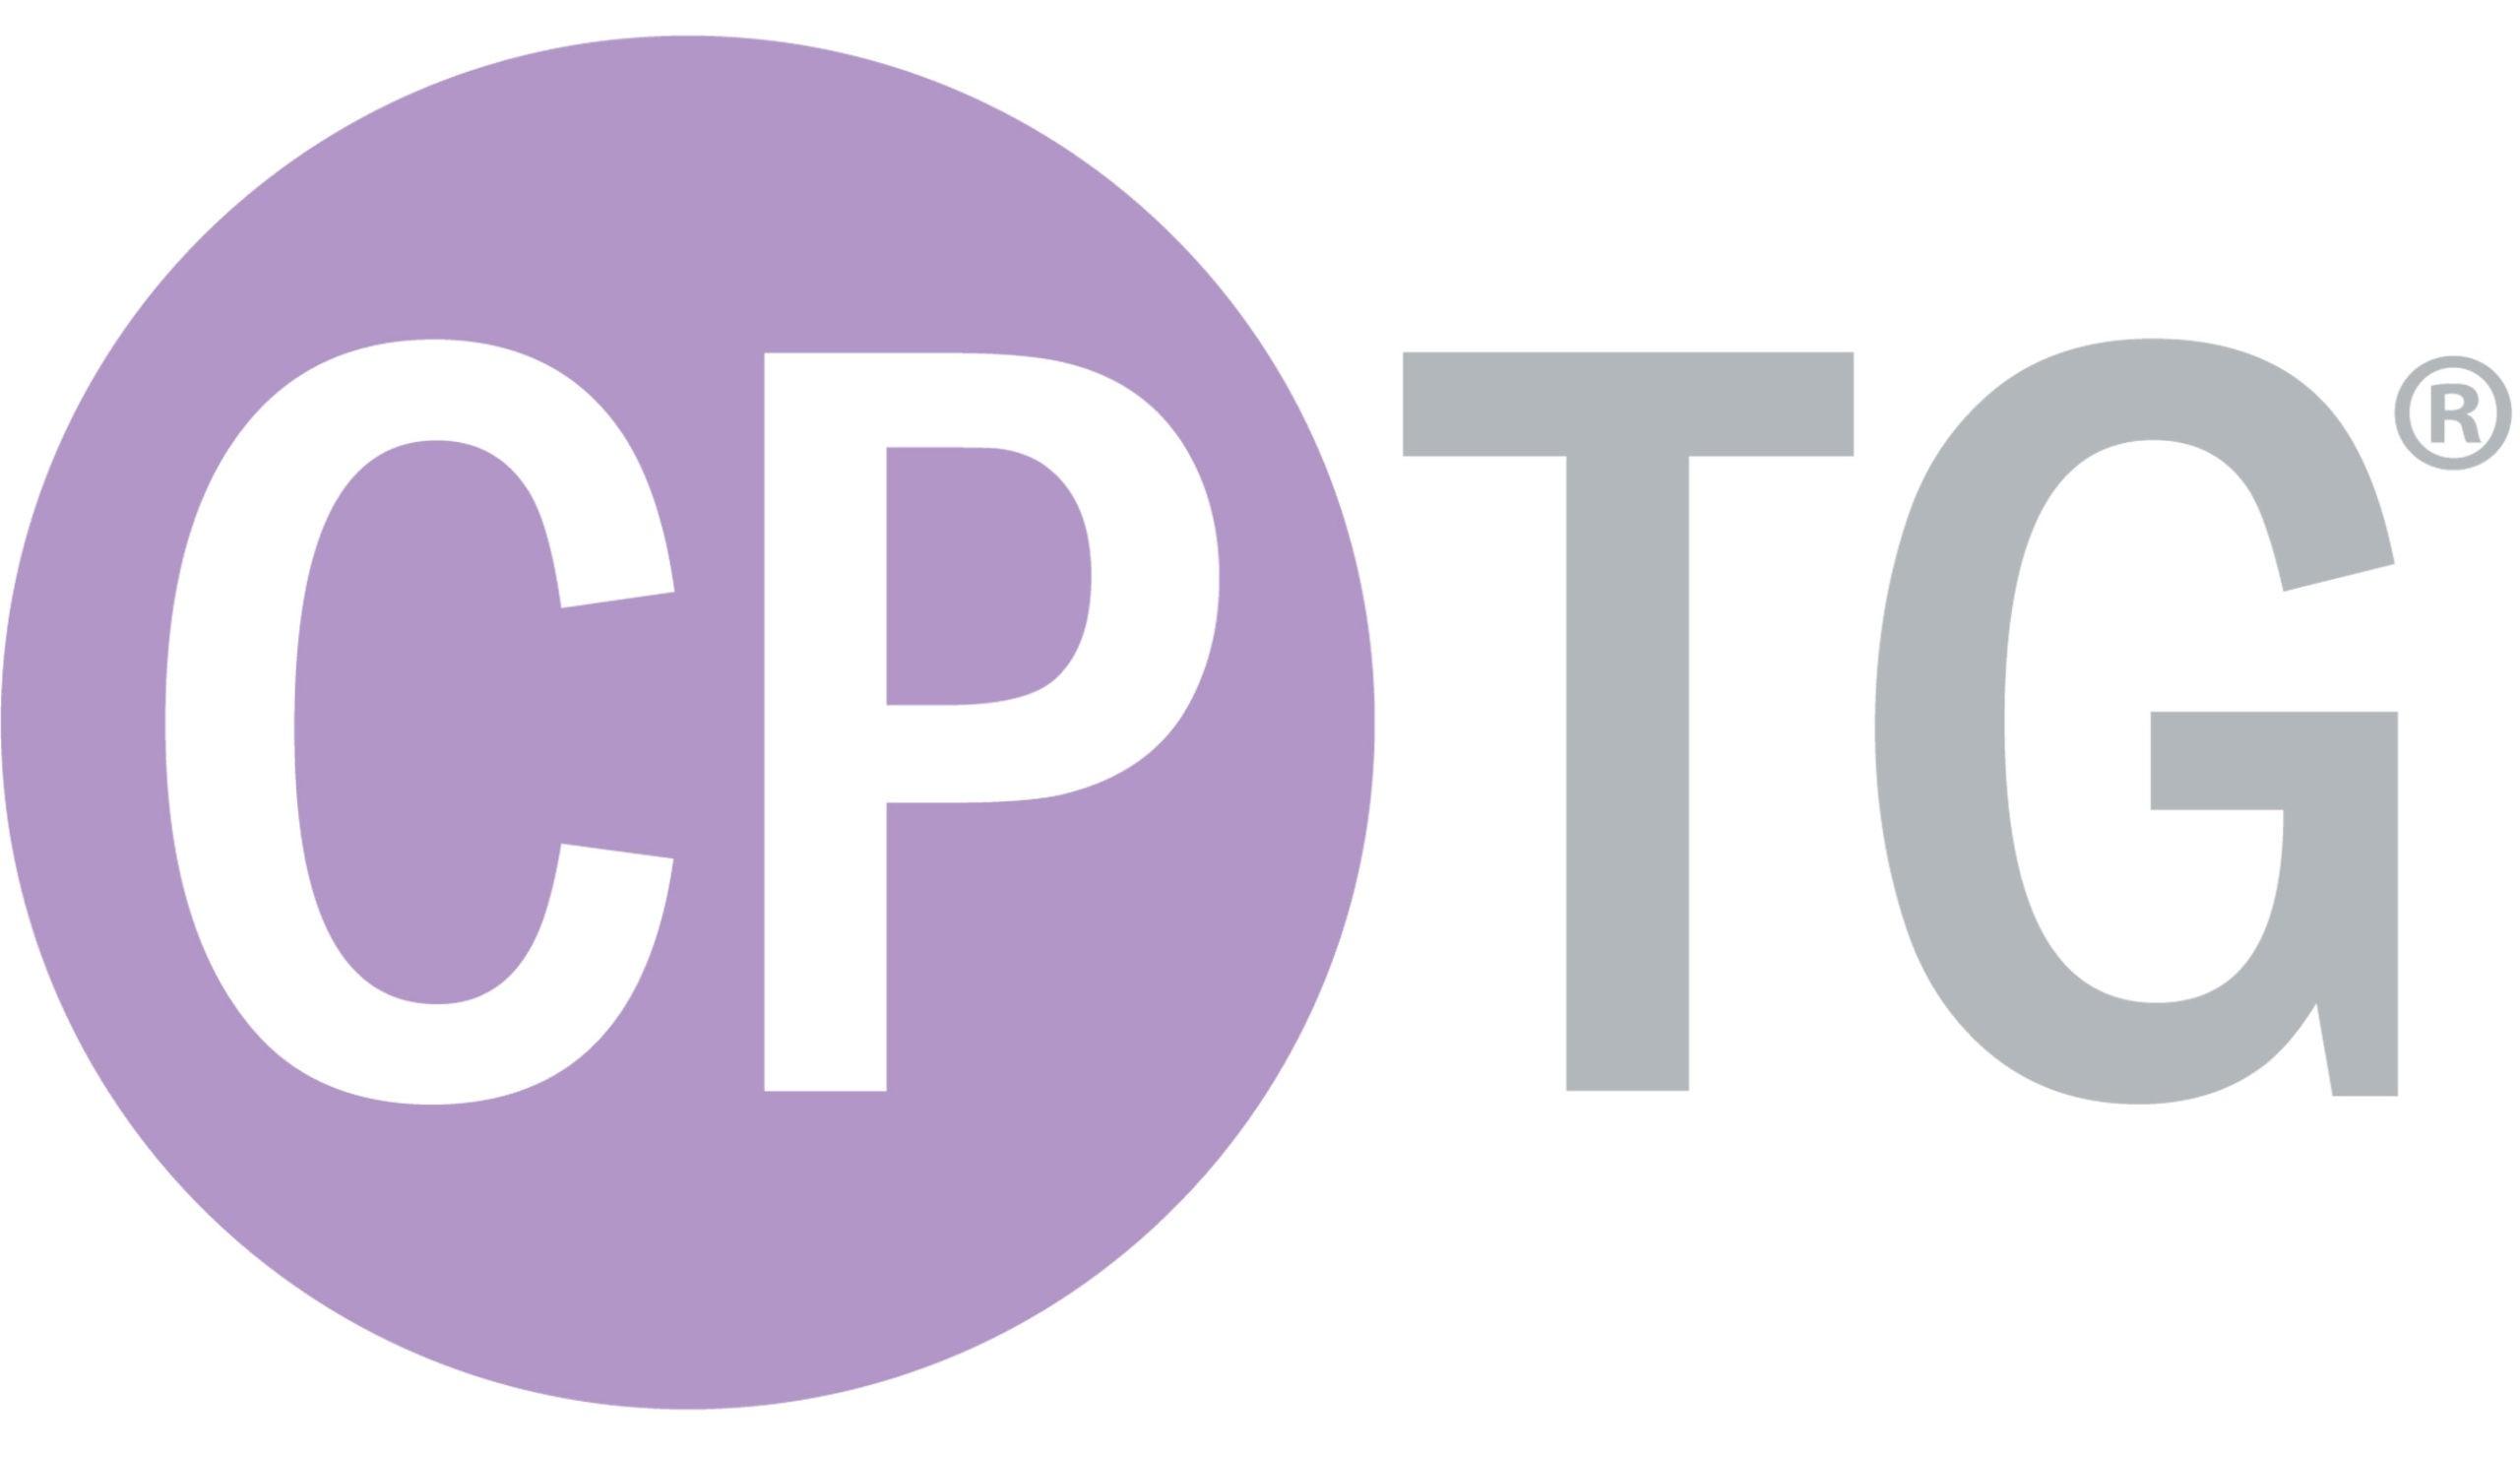 cptg-Logo